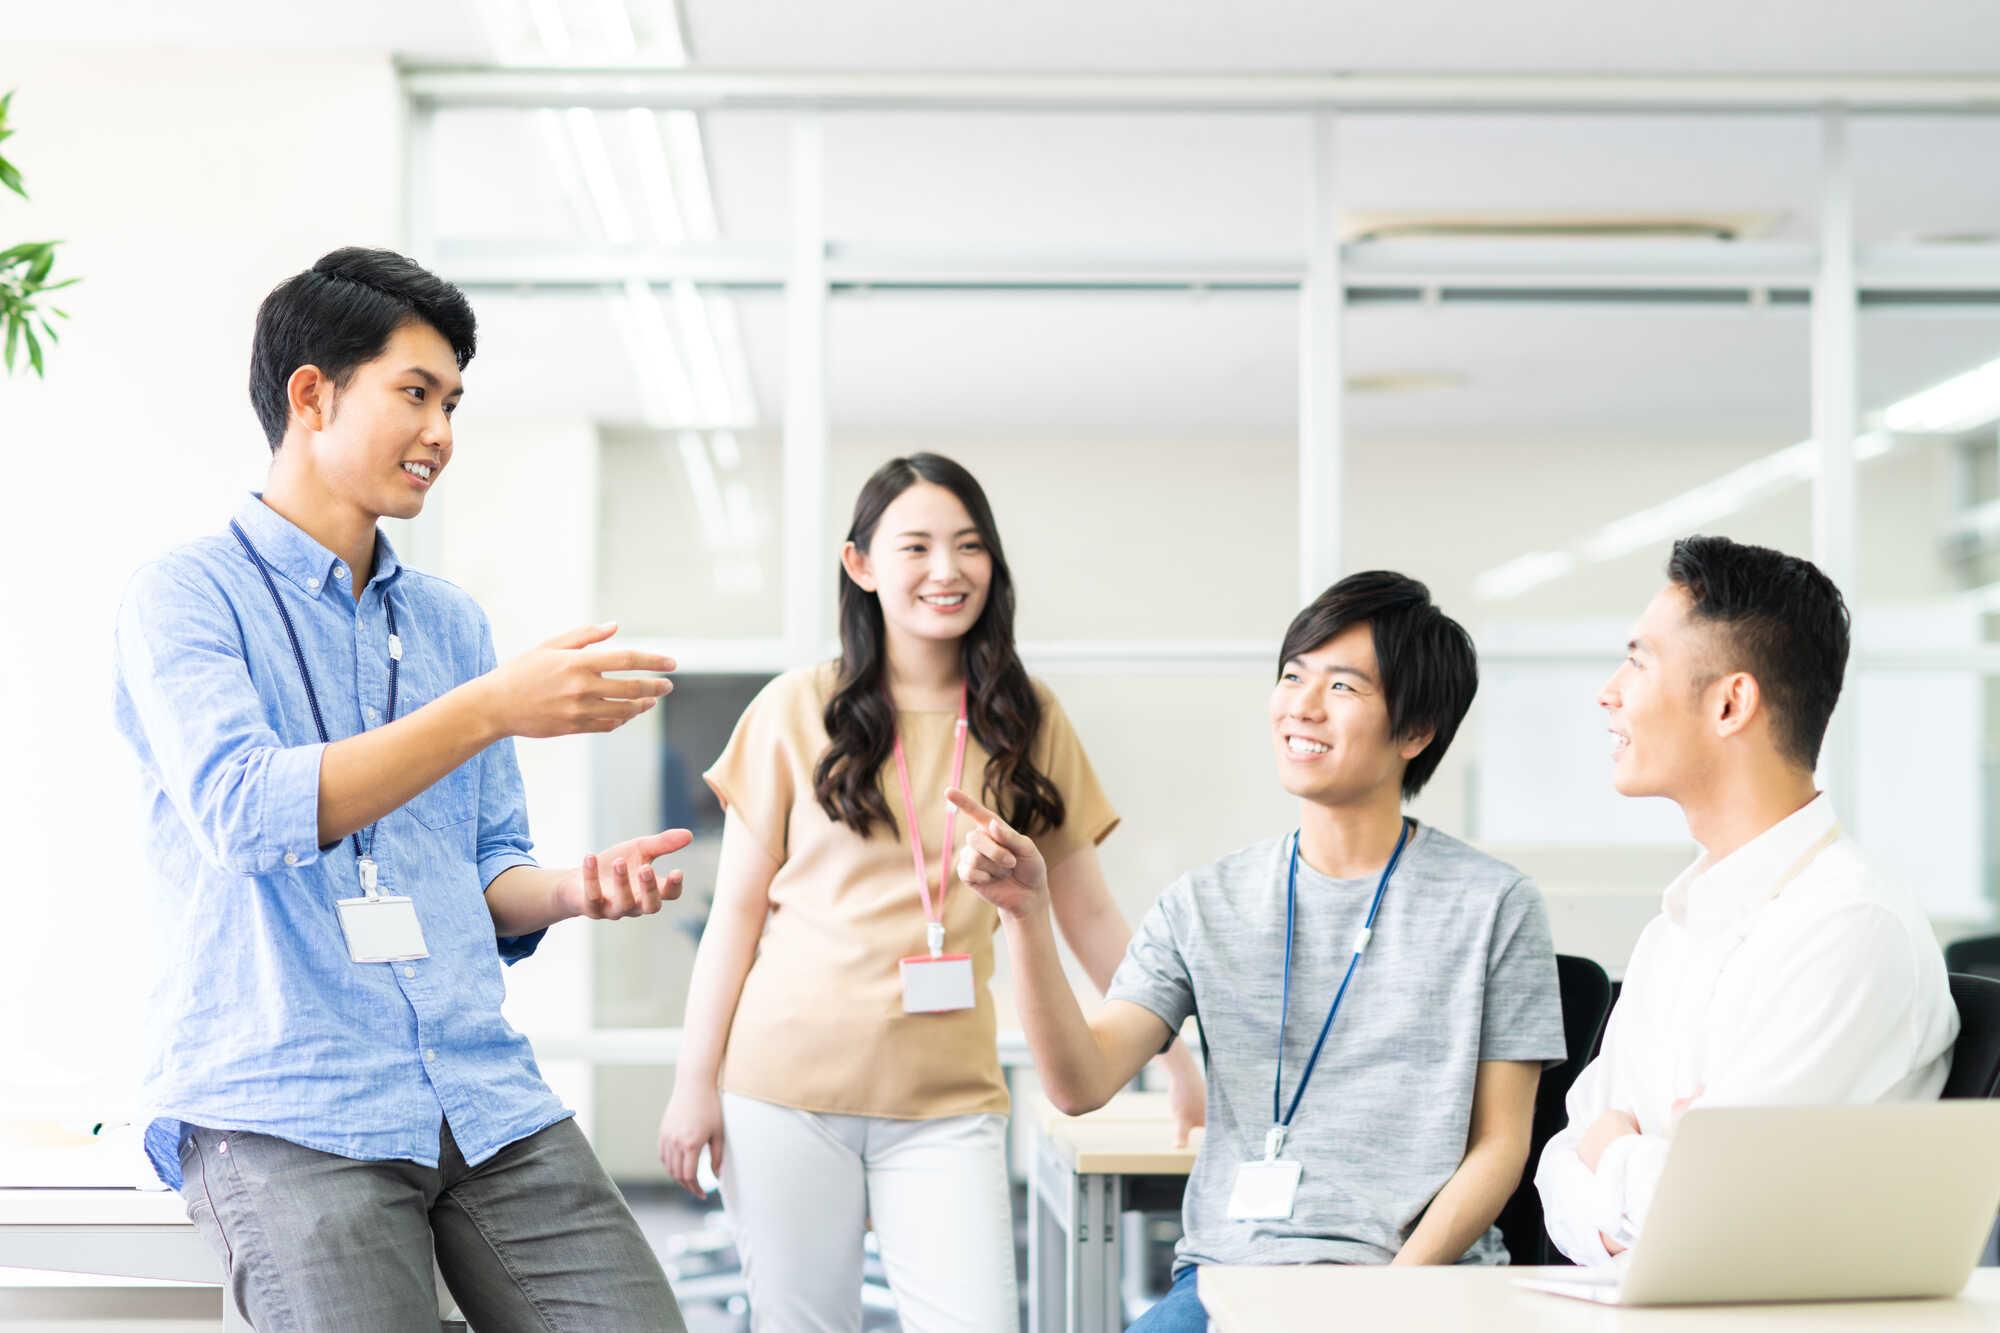 アサーティブなコミュニケーション力を高める